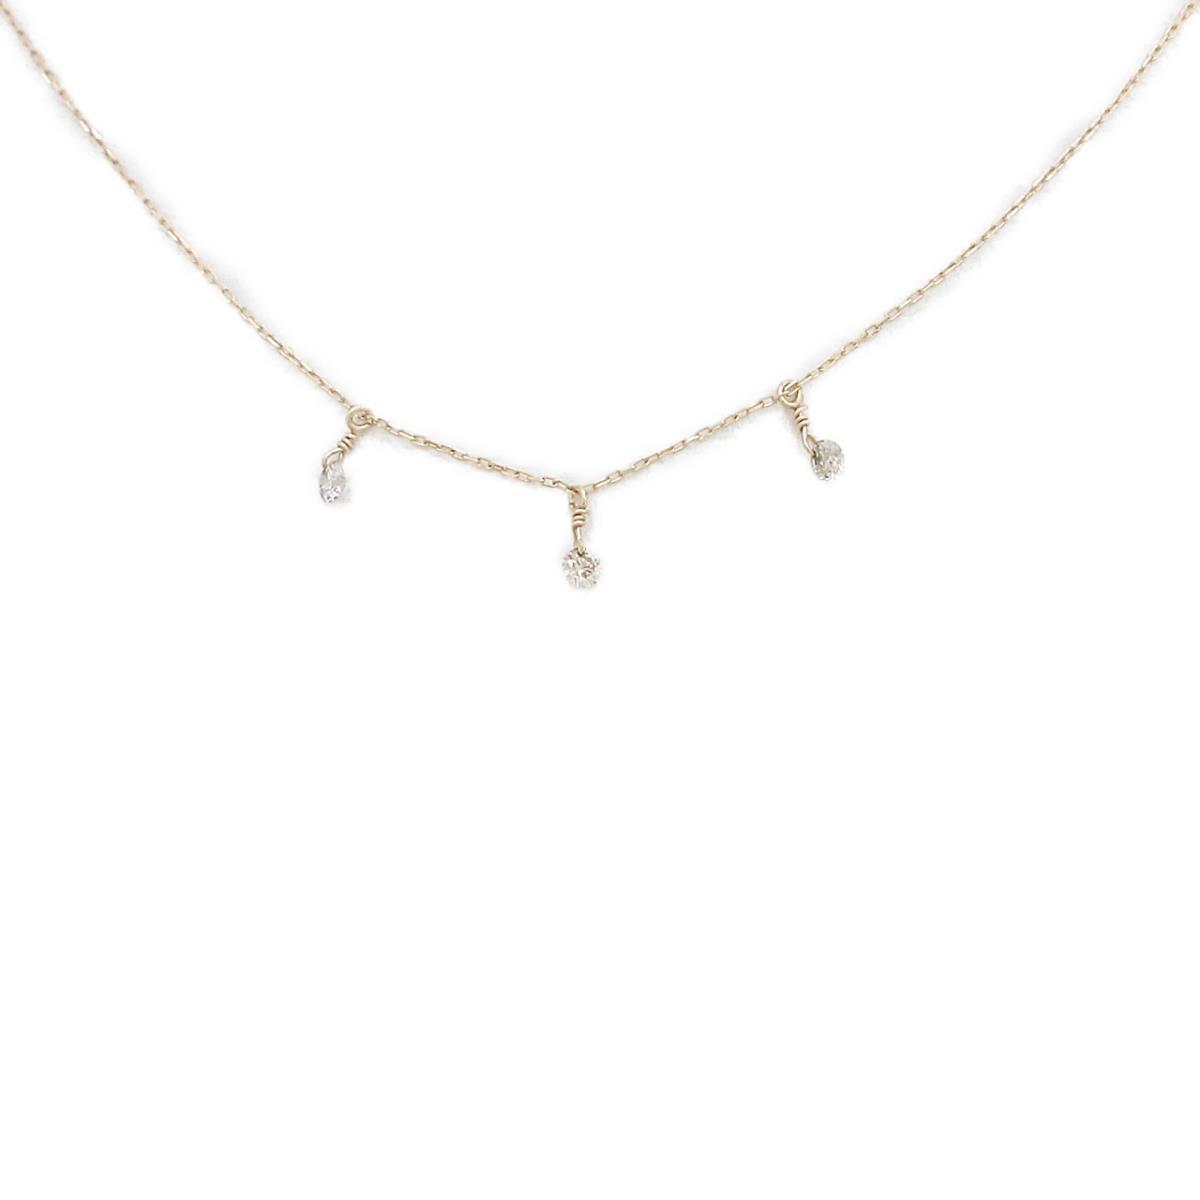 春の新作 K10YG 高級品 ダイヤモンドネックレス 中古